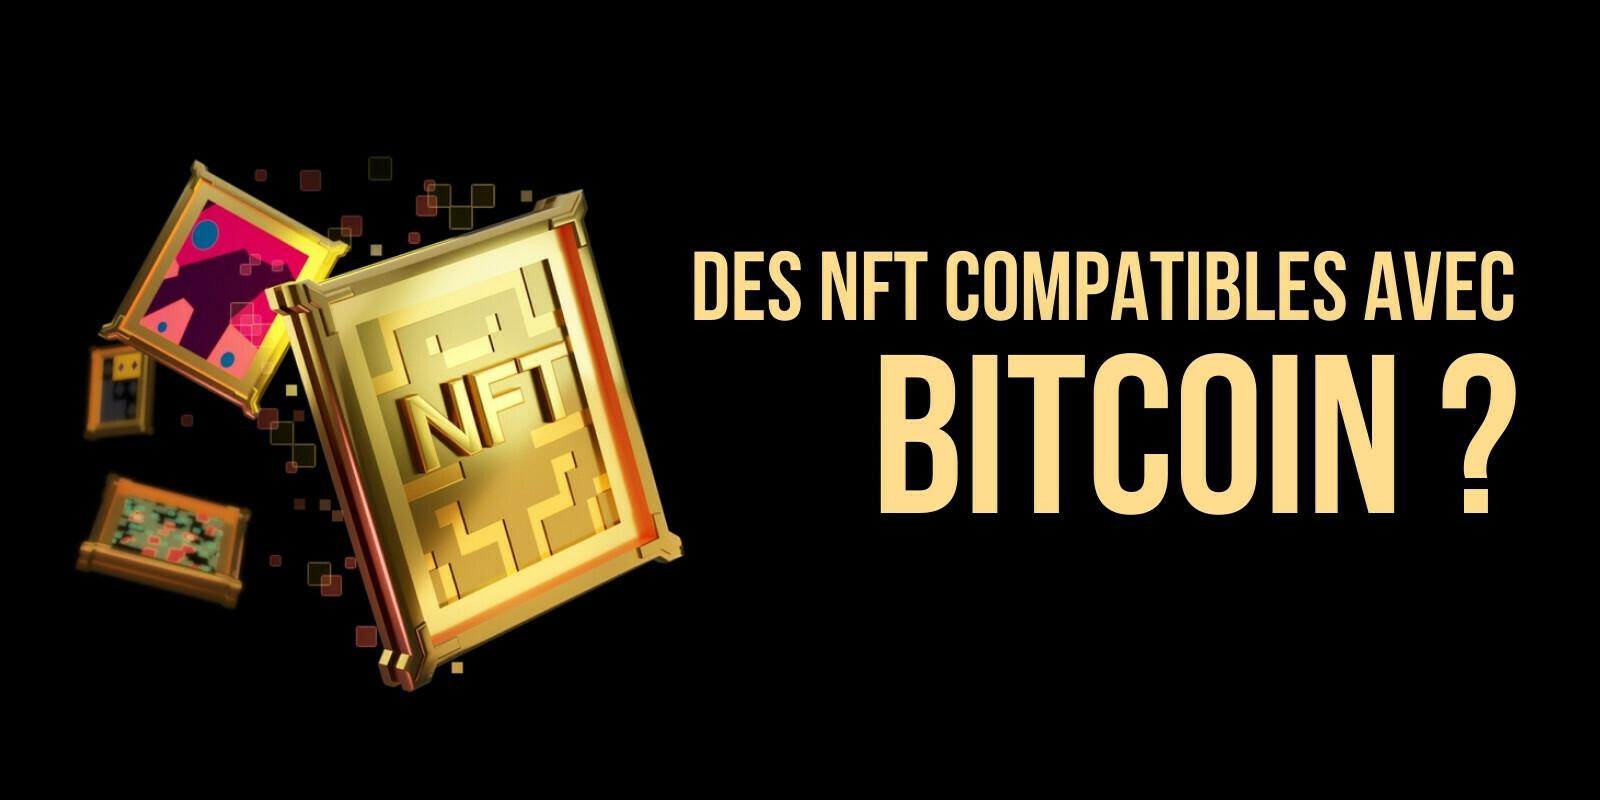 Les tokens non fongibles (NFTs) sur Bitcoin pourraient-ils se démocratiser ?